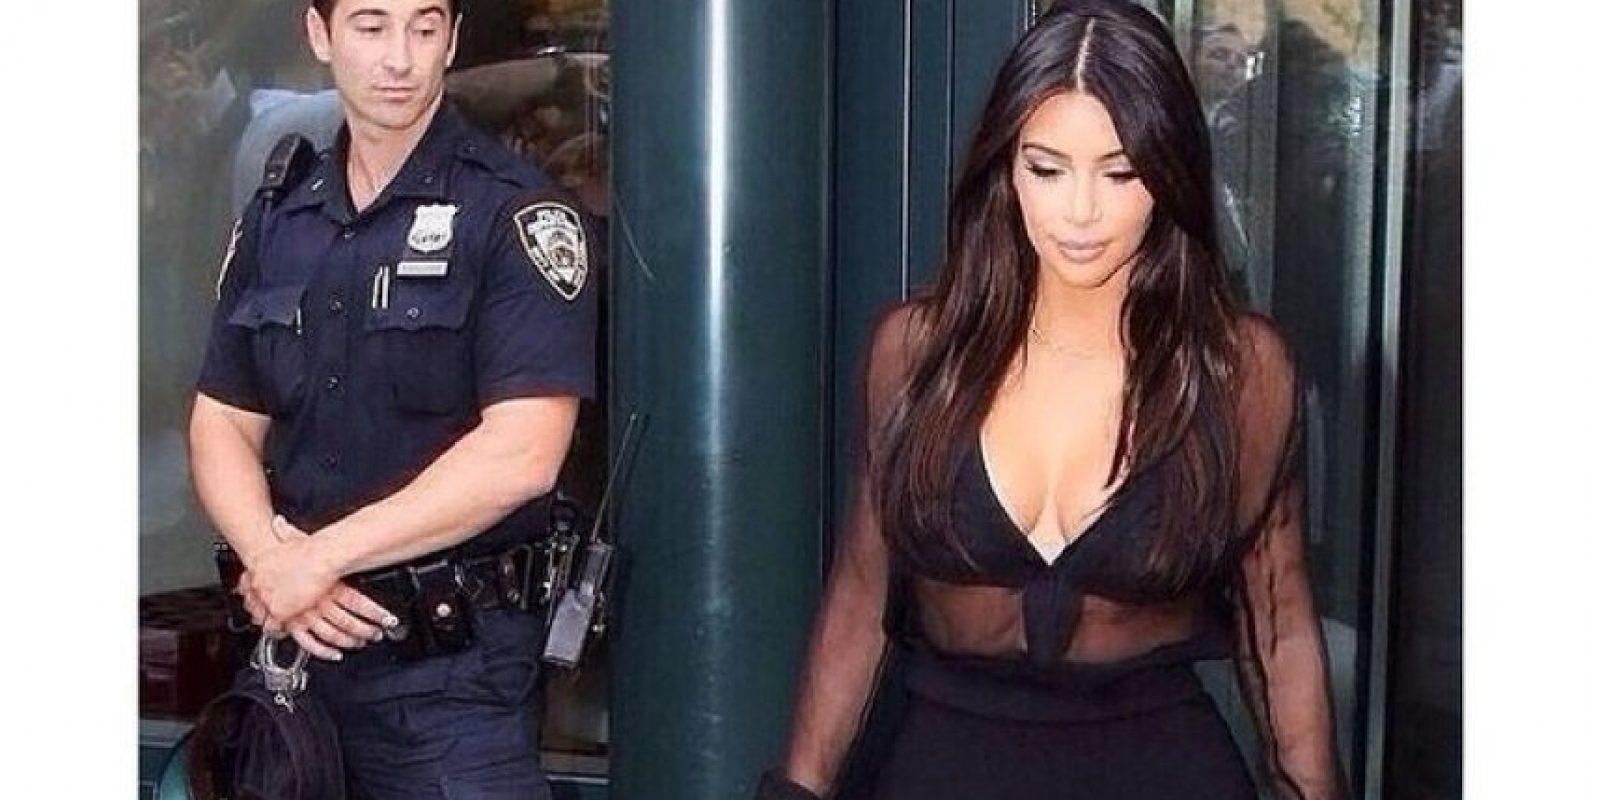 """En agosto de 2014, un guardia privado y un oficial fueron captados """"mirando de más"""" a la esposa de Kanye West. Ella los exhibió en redes sociales con el mensaje """"¿Qué está viendo?"""" Foto:Facebook.com/KimKardashian"""